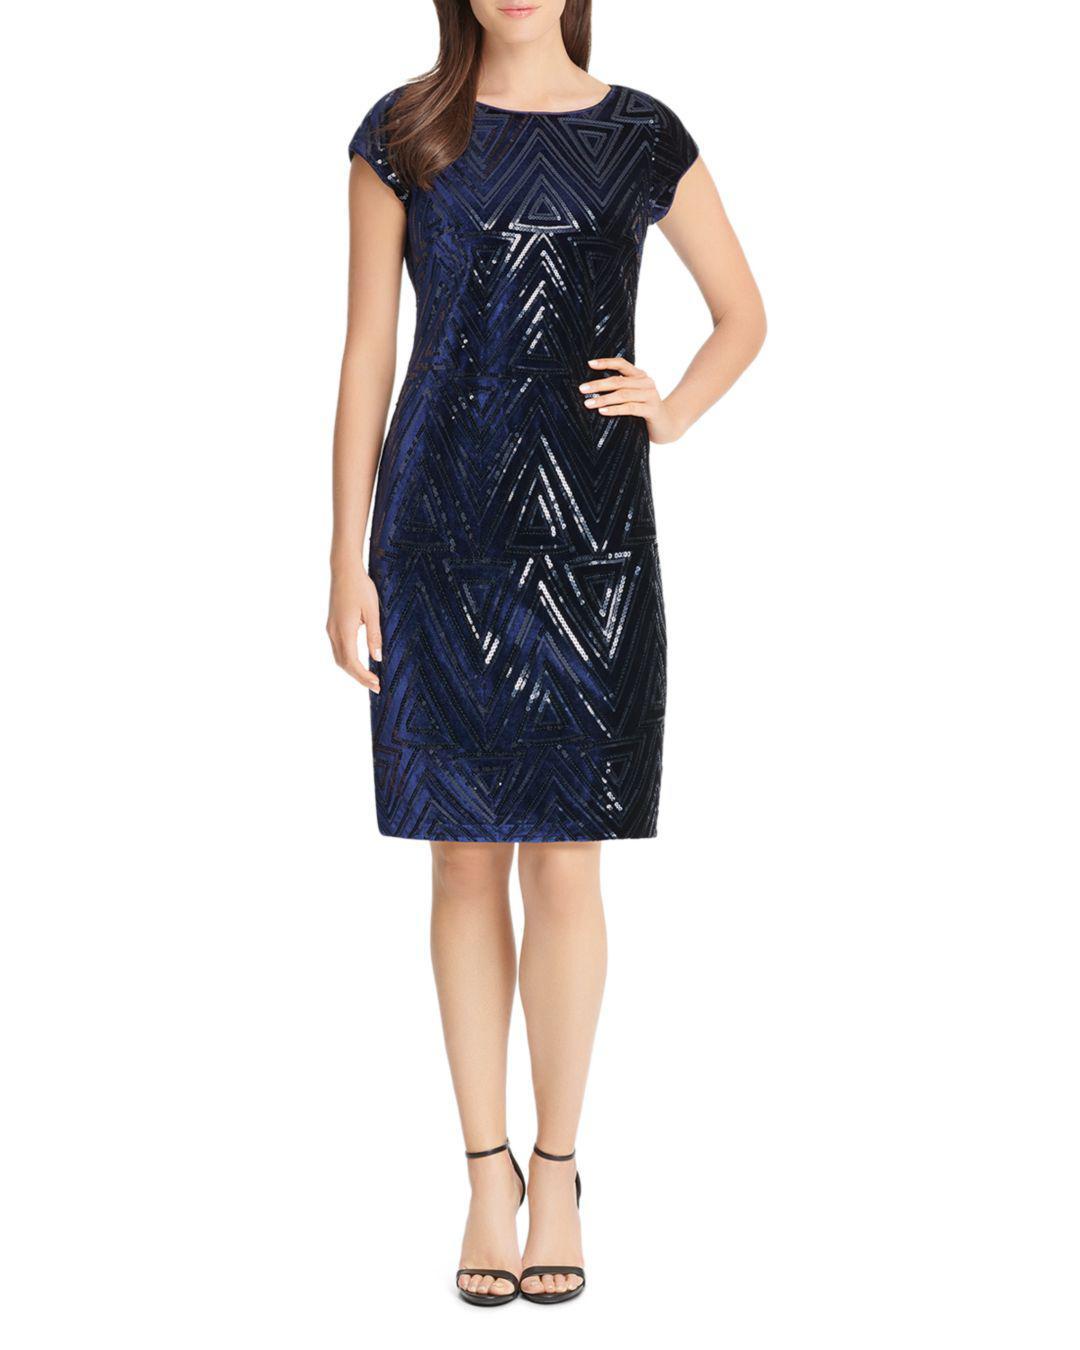 55f636fe0ec7 Lyst - Eliza J Sequined Velvet Shift Dress in Blue